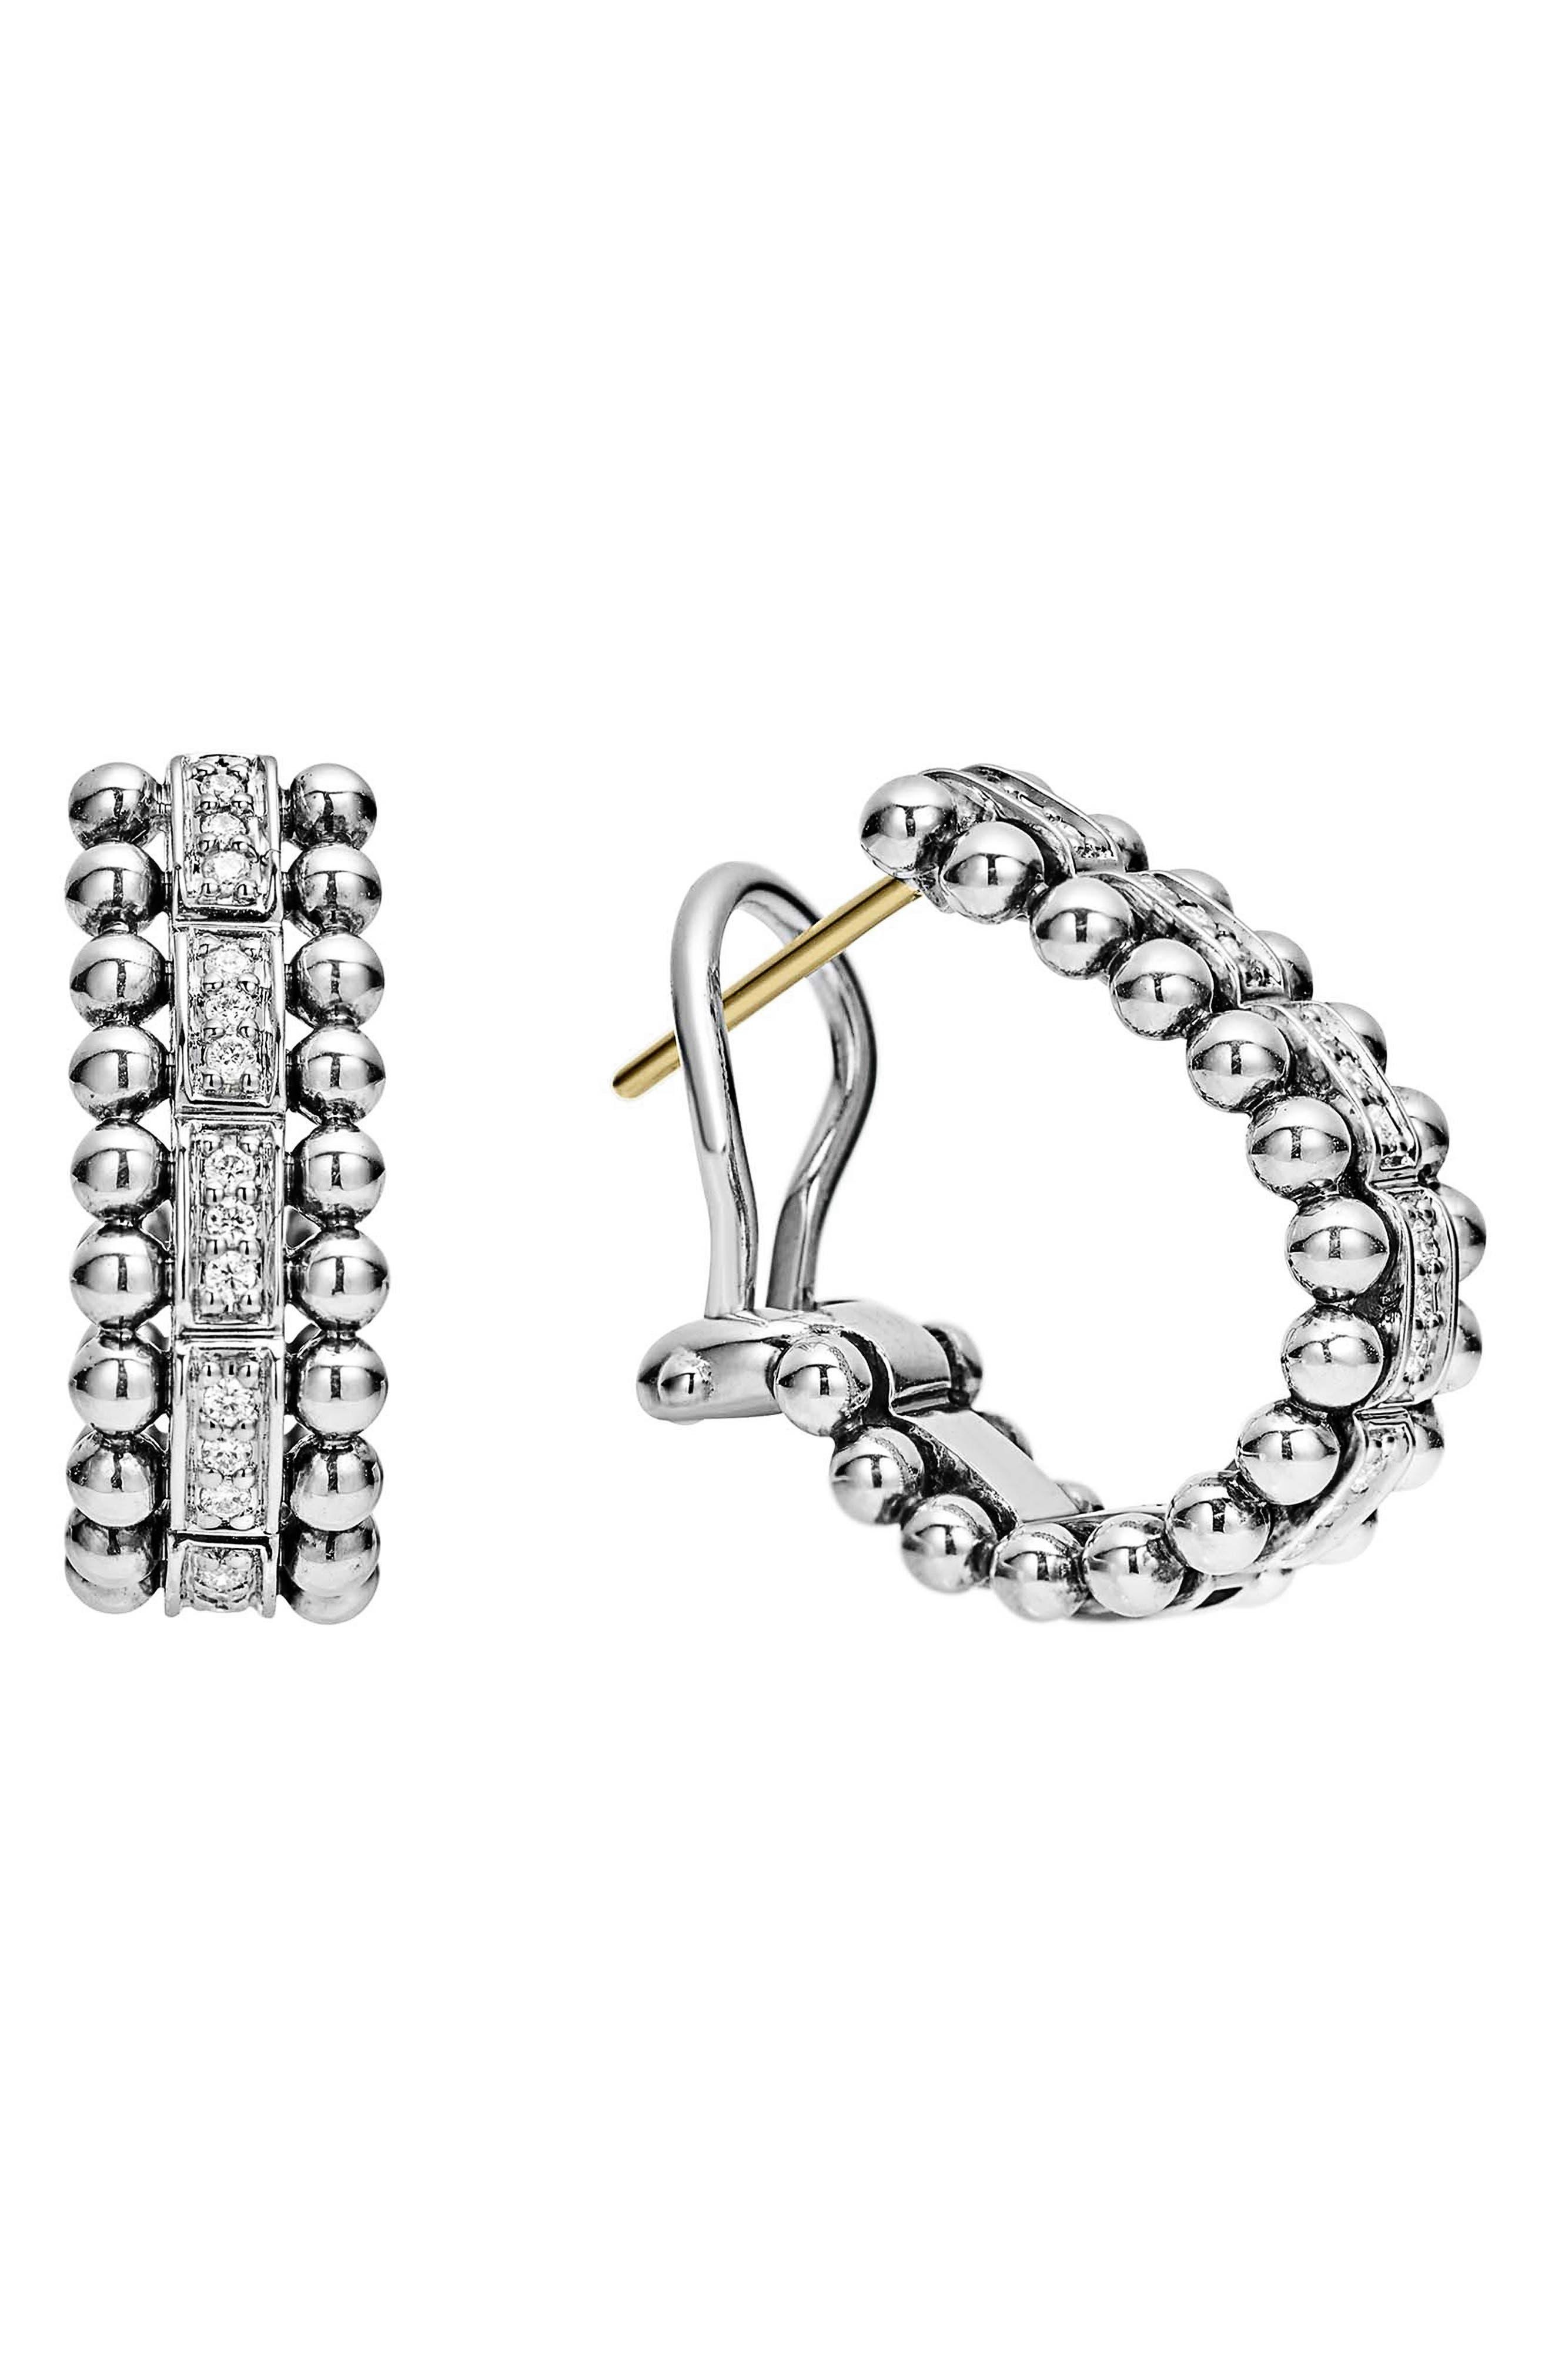 Main Image - LAGOS Caviar Spark Diamond Oval Hoop Earrings